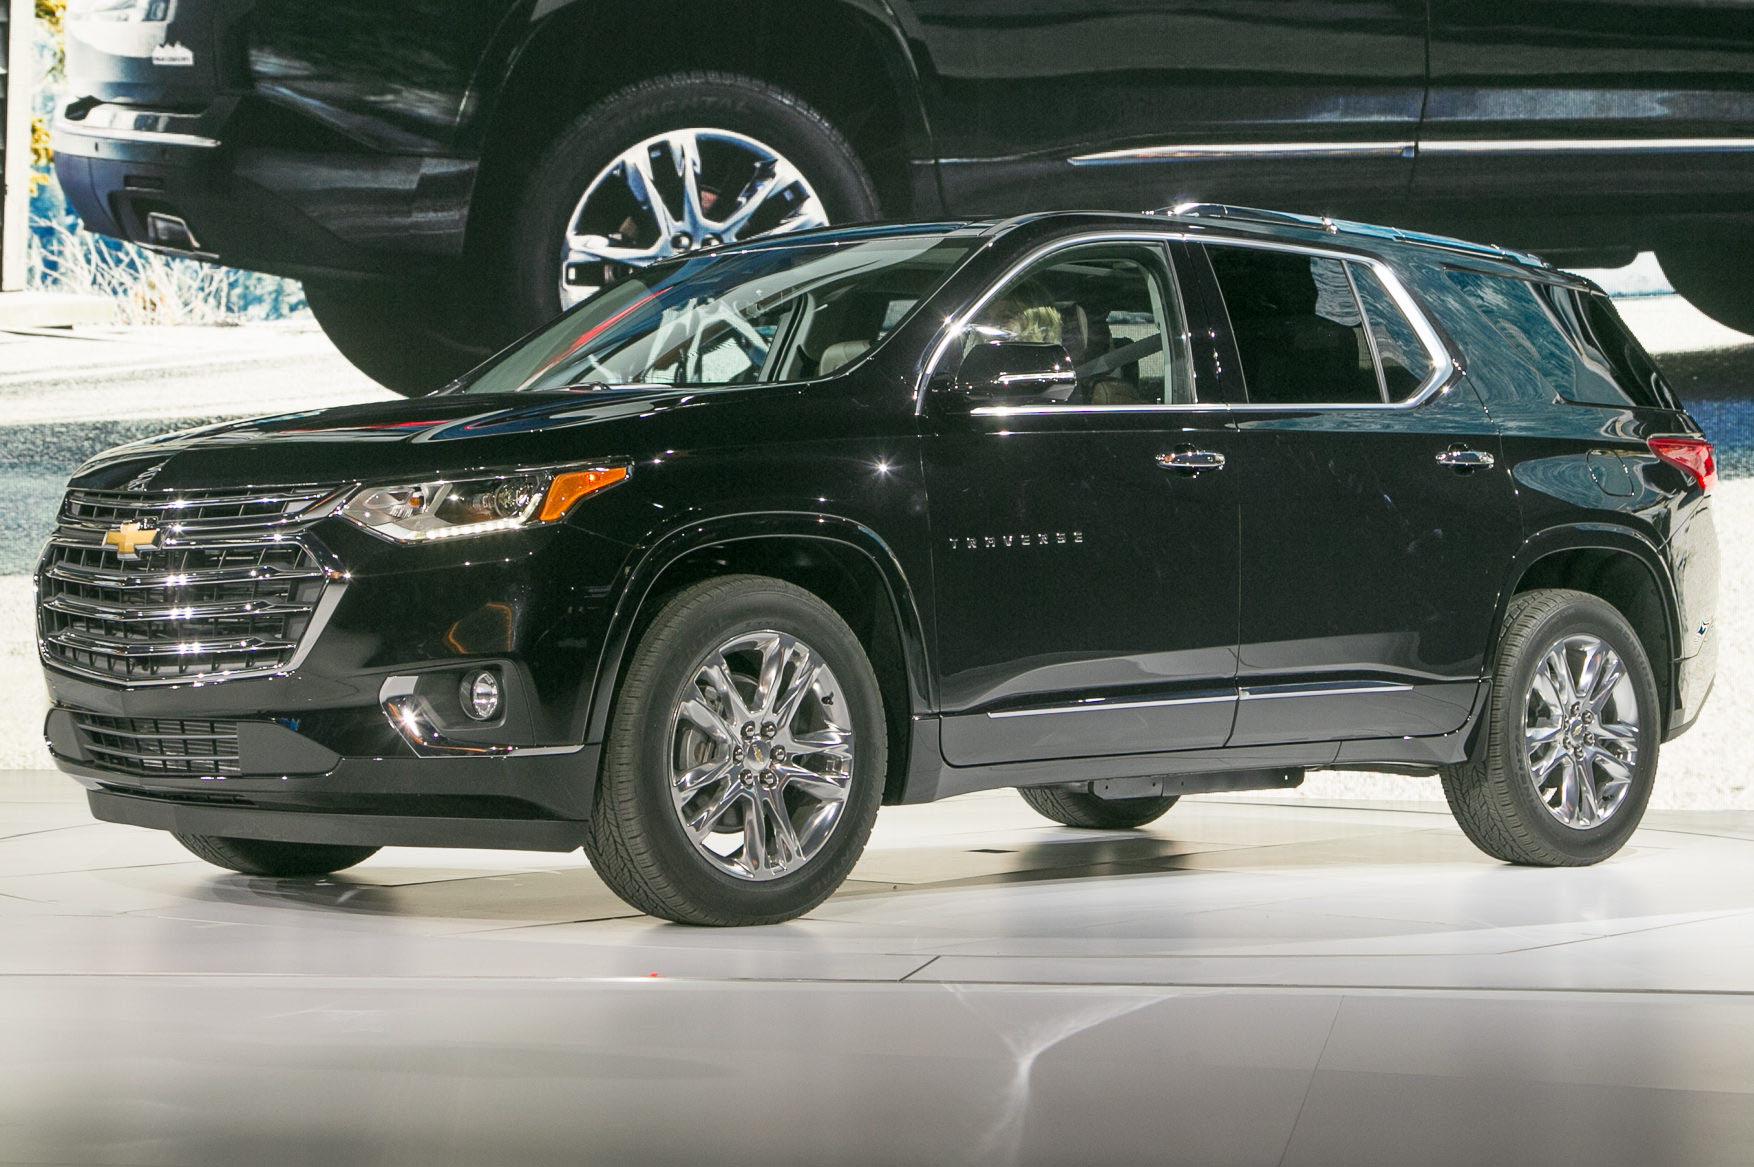 Chevrolet Traverse 2018 - компания планирует вернуться на российский рынок с новым внедорожником